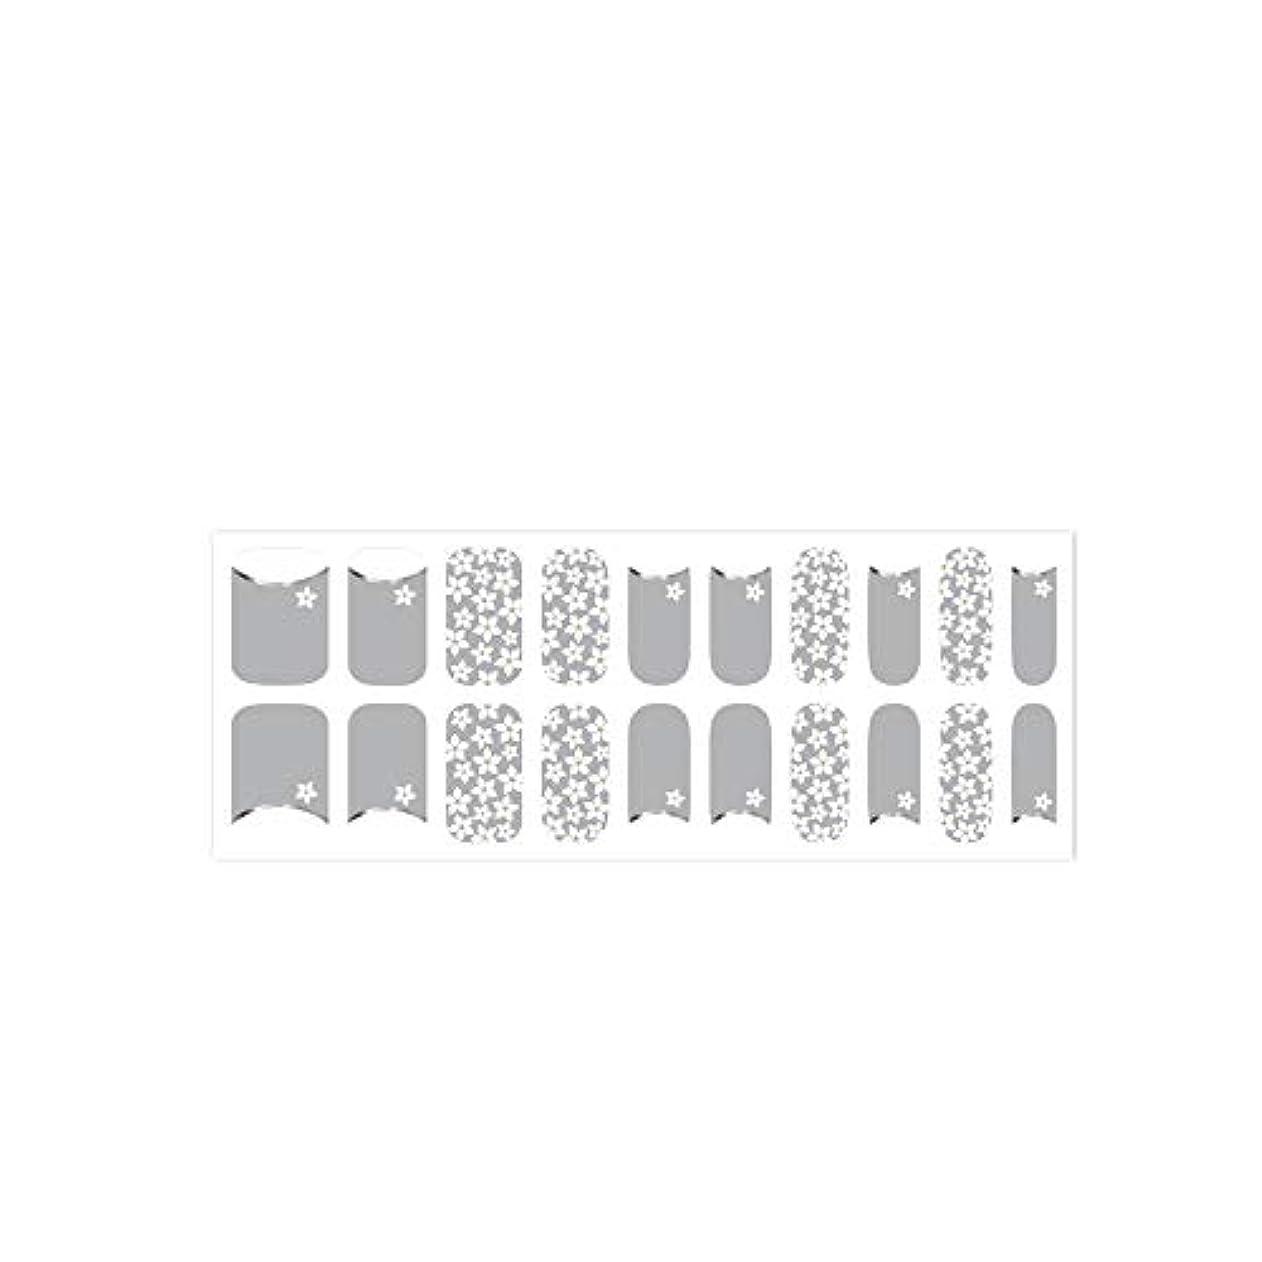 エキゾチック寝てるモザイク爪に貼るだけで華やかになるネイルシート! 簡単セルフネイル ジェルネイル 20pcs ネイルシール ジェルネイルシール デコネイルシール VAVACOCO ペディキュア ハーフ かわいい 韓国 シンプル フルカバー ネイルパーツ...